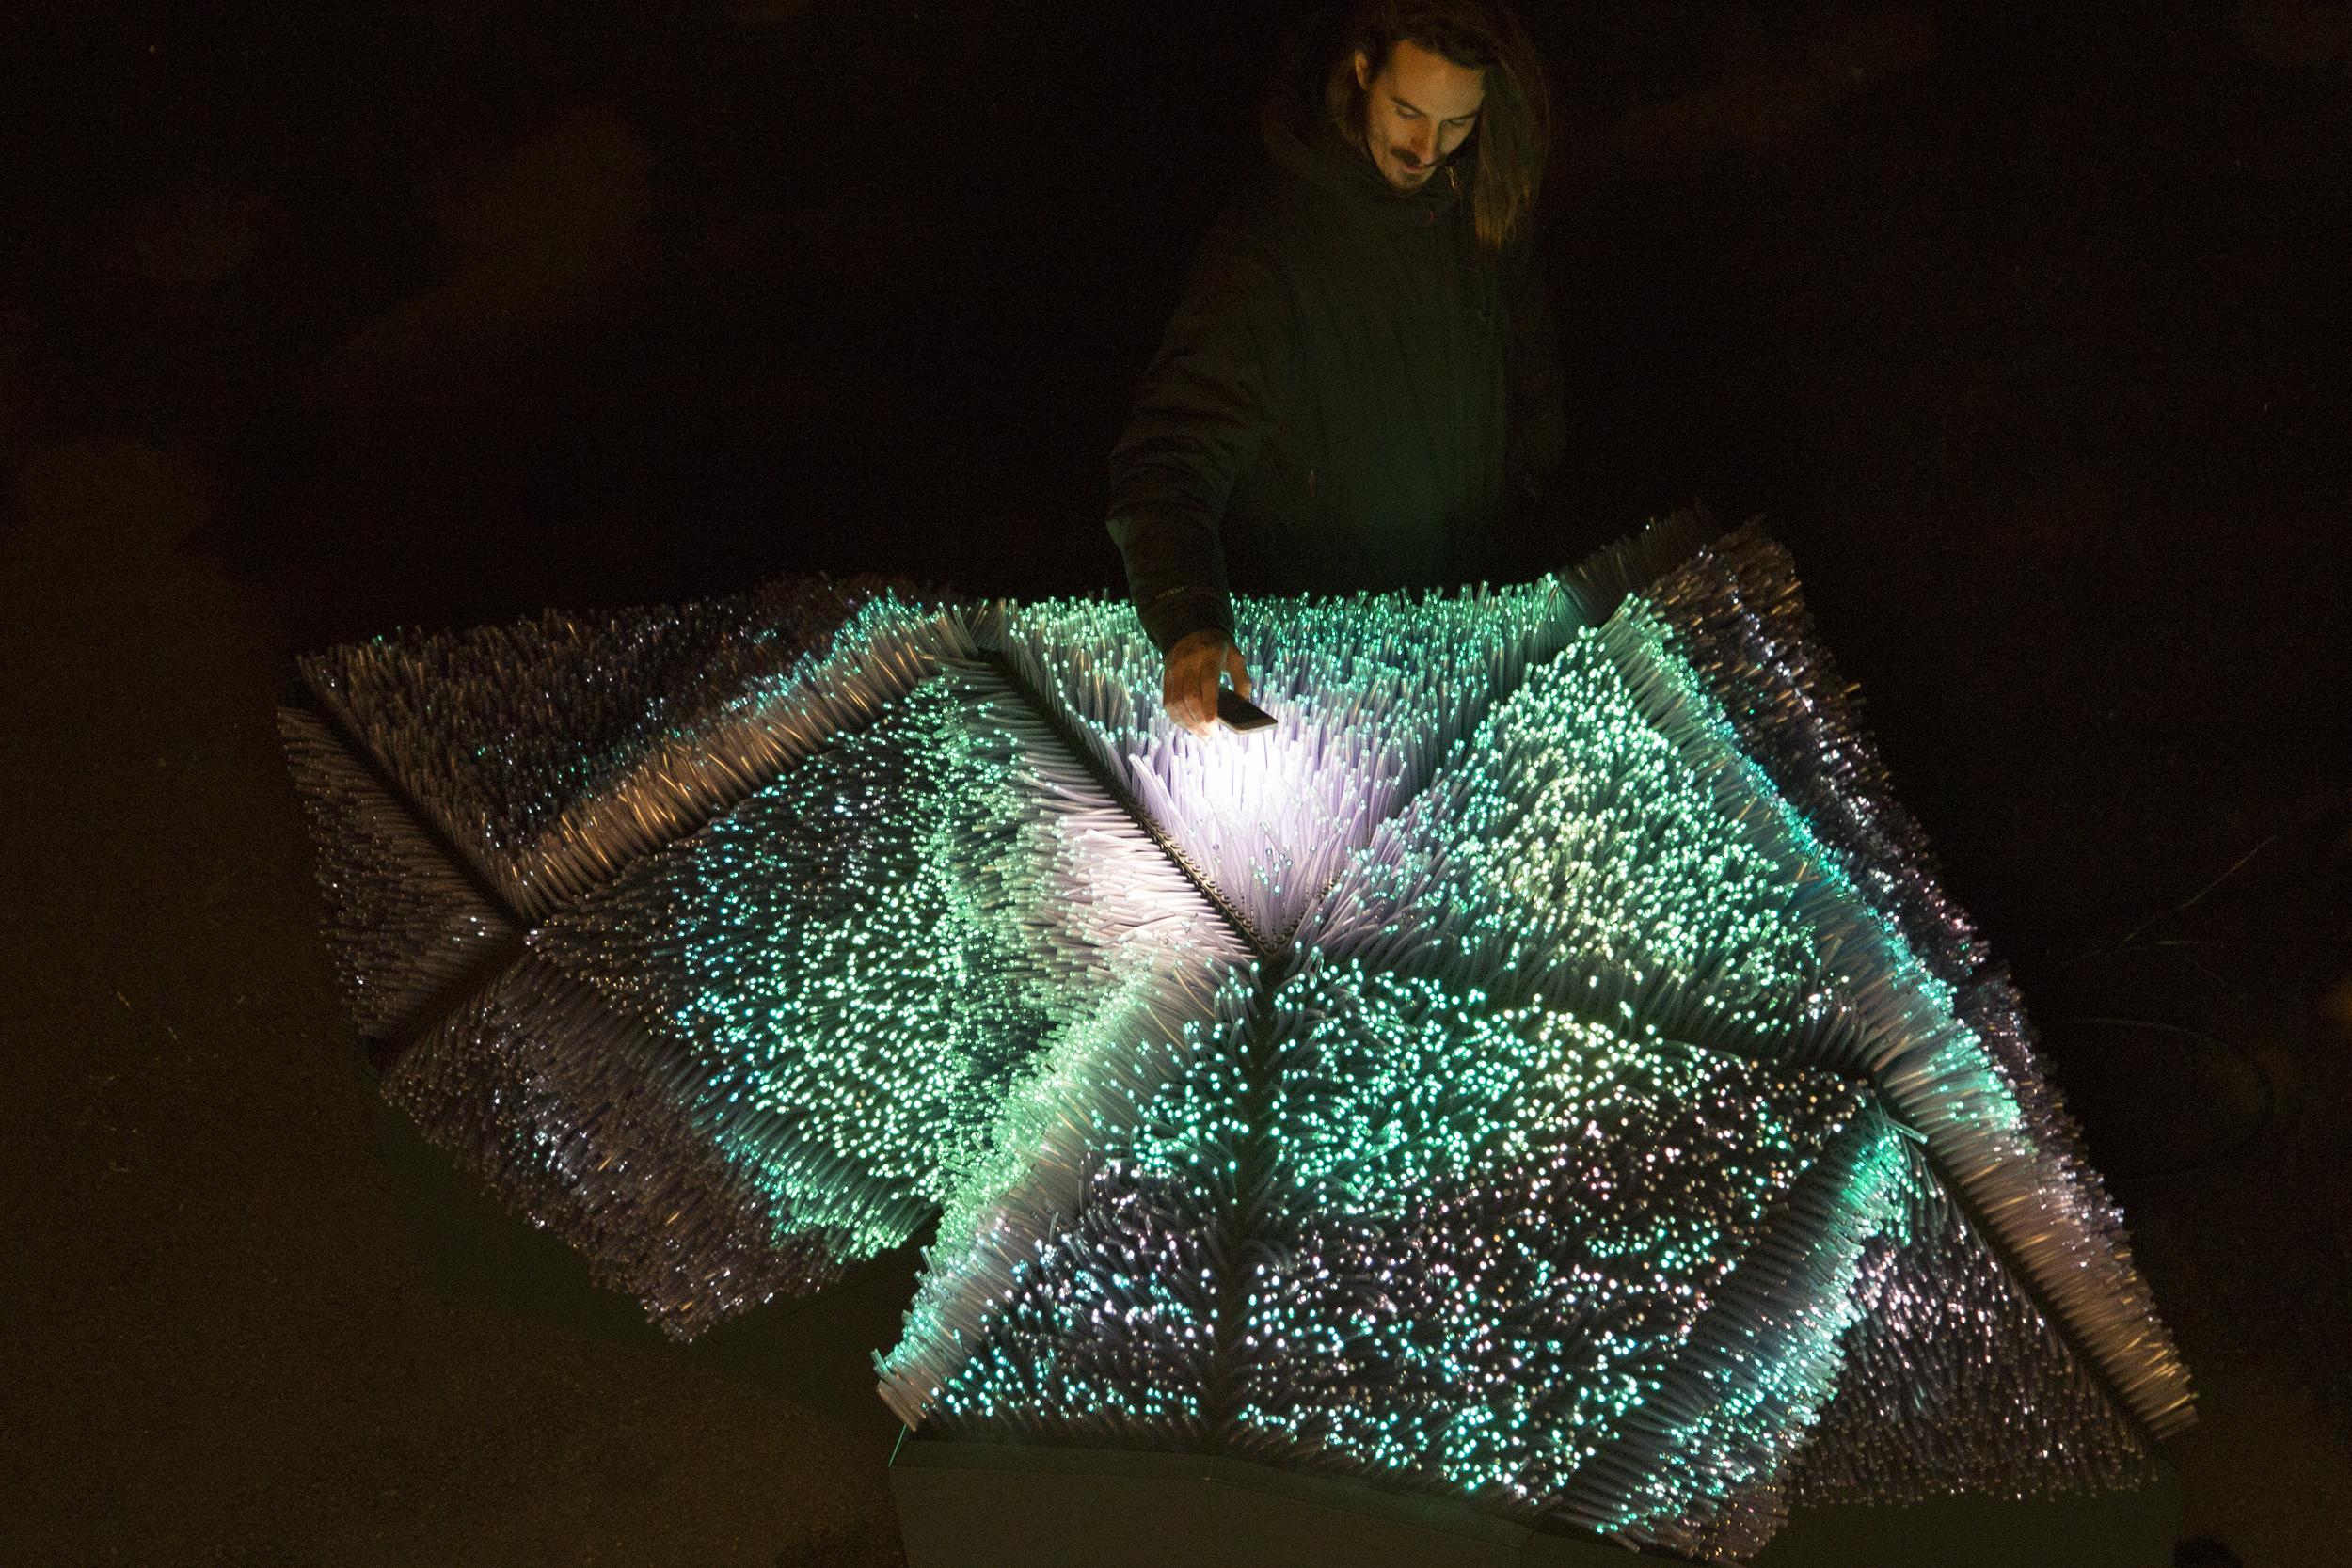 L'oeuvre Light Pollination sera présentée au CRI Paris pour la Nuit Blanche, le 6 octobre.